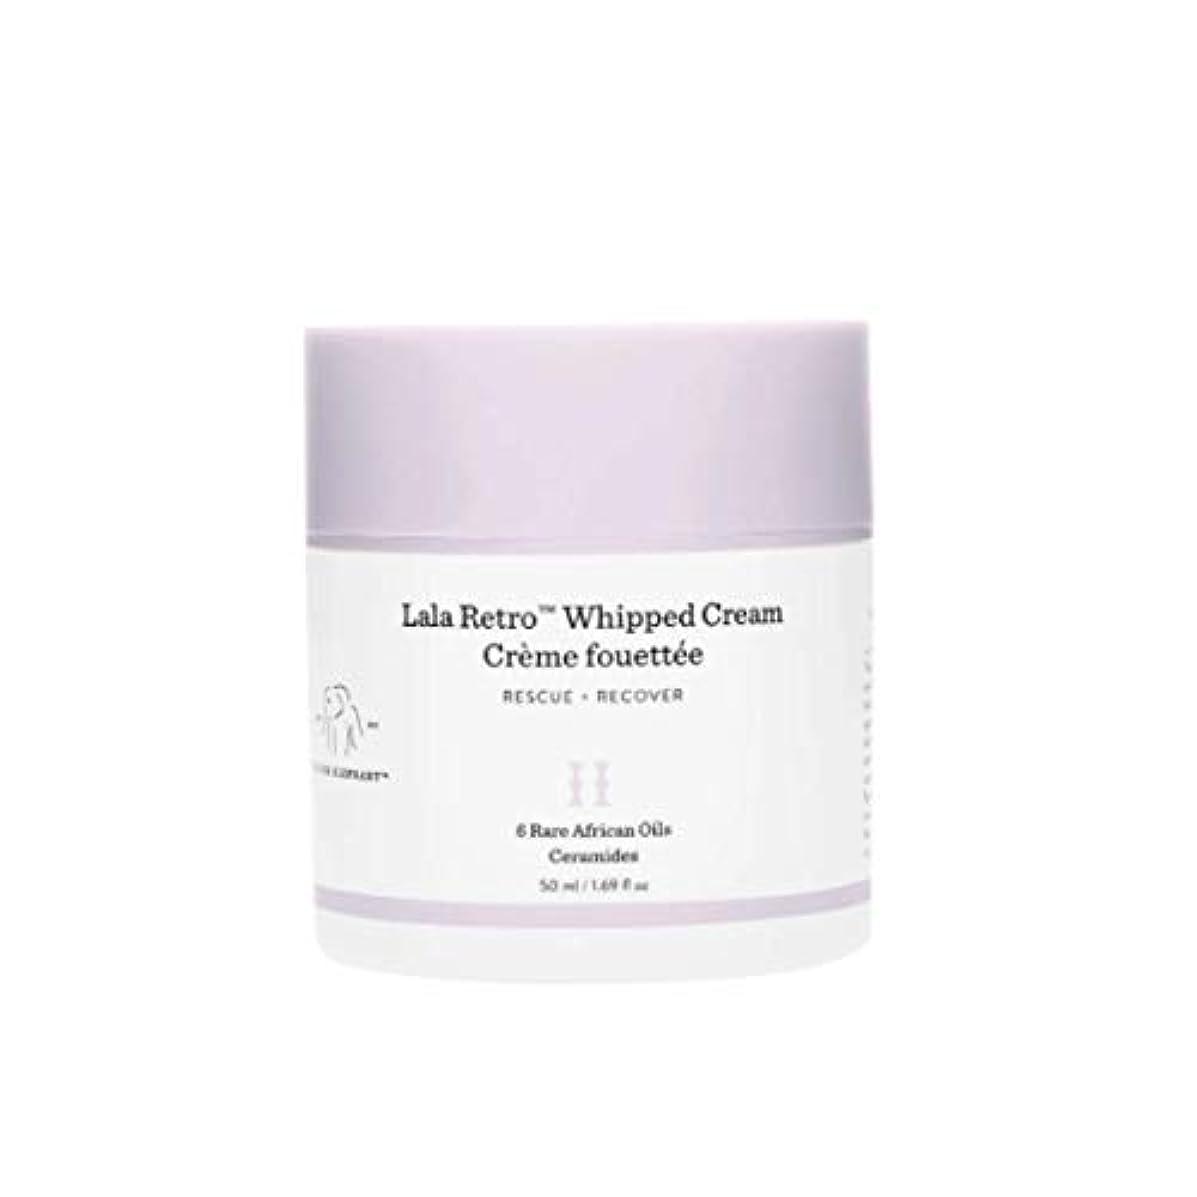 勧告ショッキング劇場DRUNK ELEPHANT Lala Retro Whipped Cream 1.69 oz/ 50 ml ドランクエレファント ララレトロ ホイップドクリーム 1.69 oz/ 50 ml